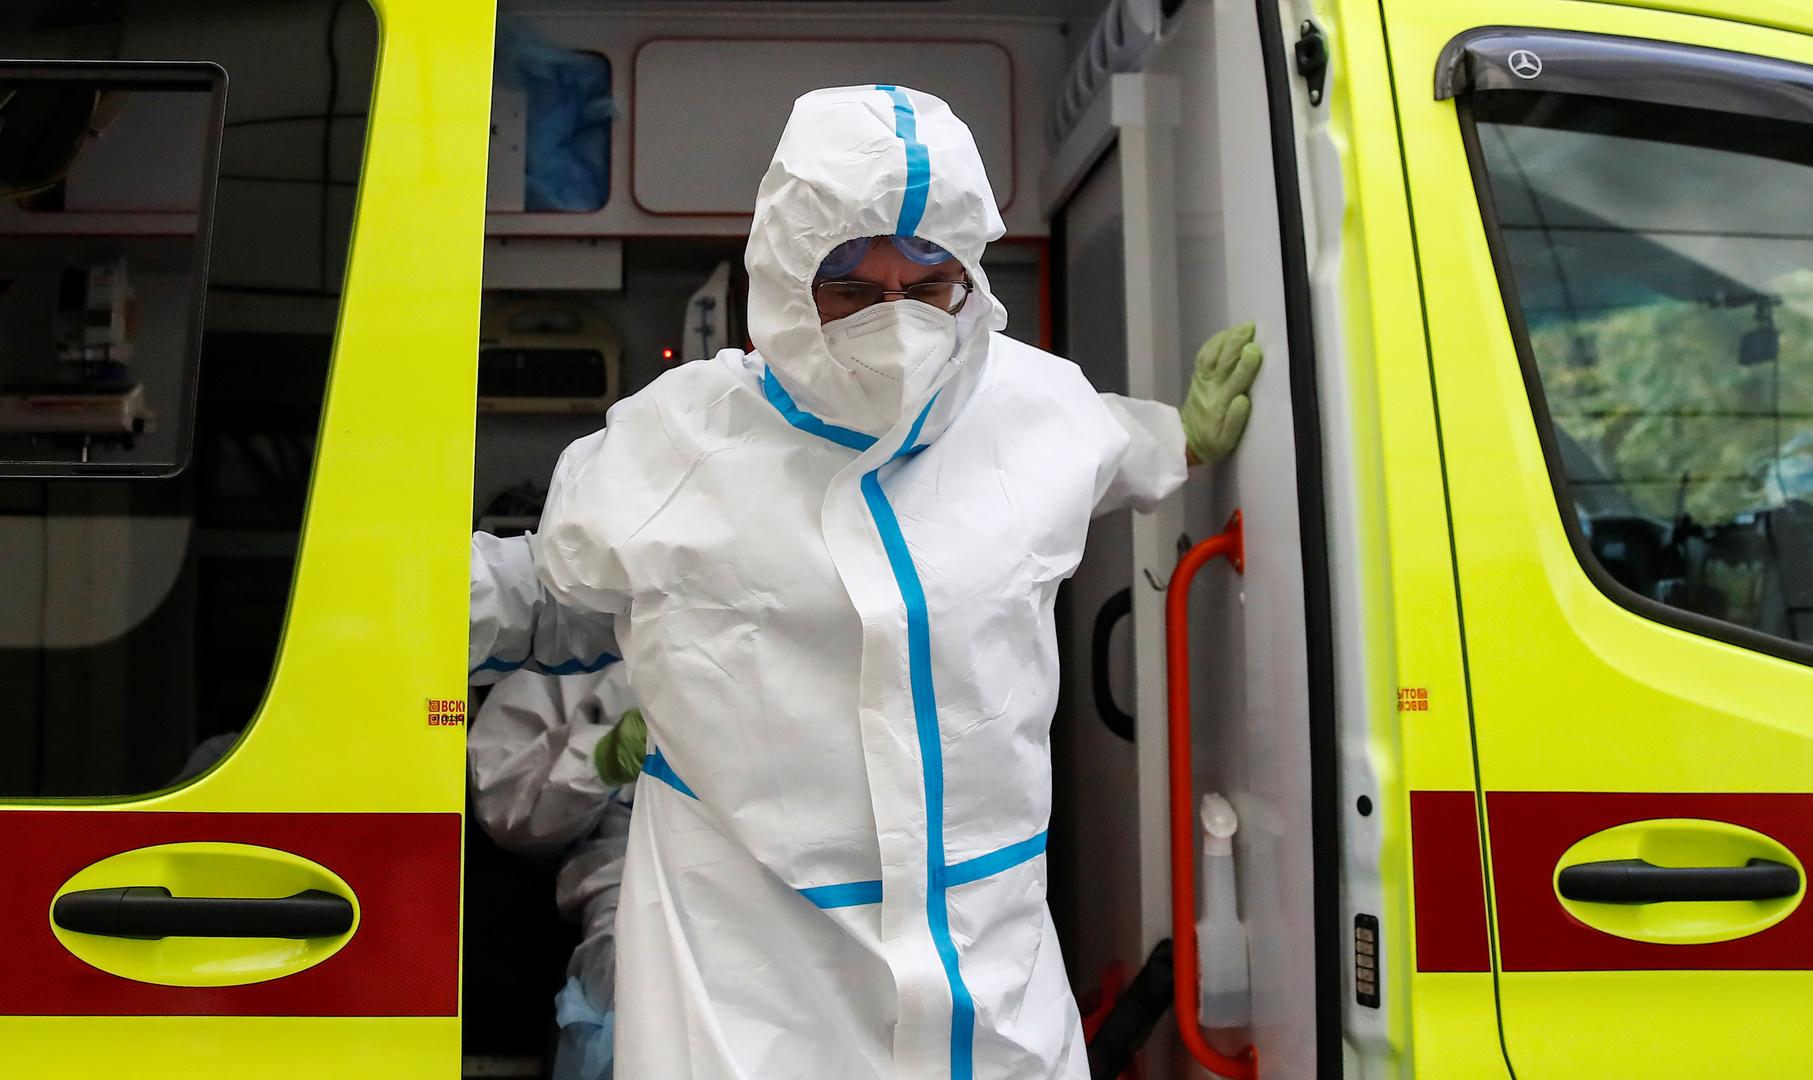 روسيا تسجل 510 حالات وفاة و27100 إصابة جديدة بكورونا خلال الساعات الـ24 الماضية